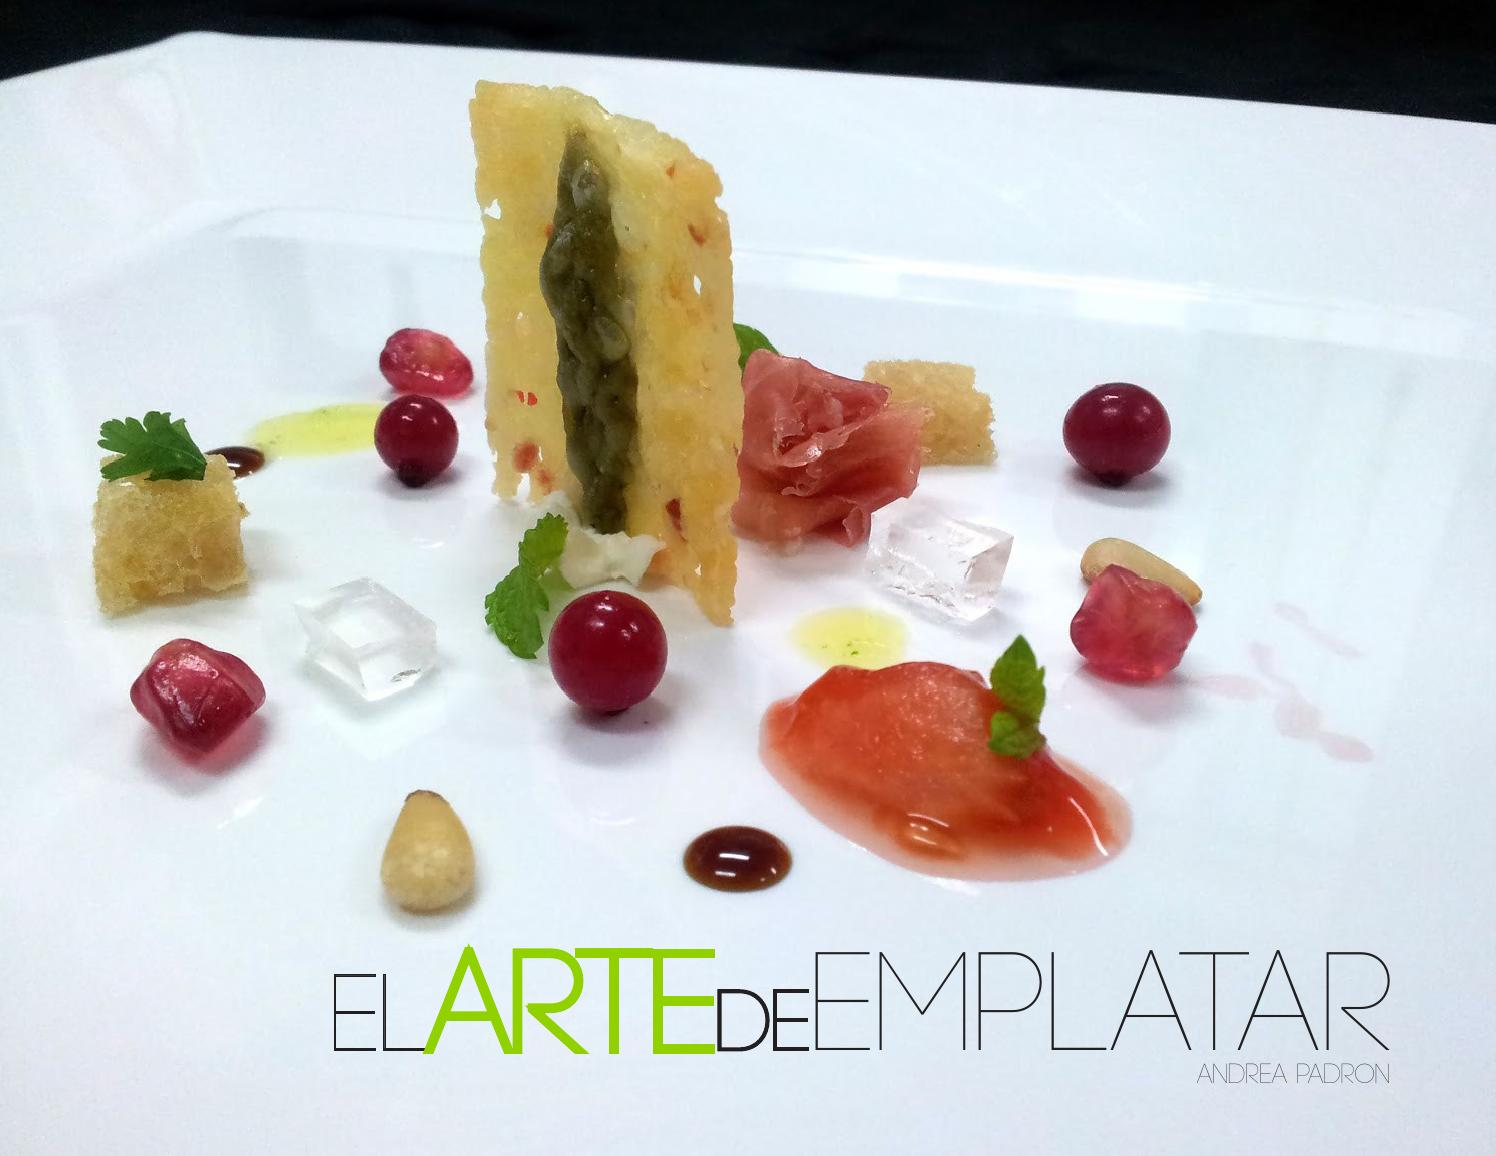 El arte de emplatar by dise o grafico proyectos de for Tecnicas de alta cocina